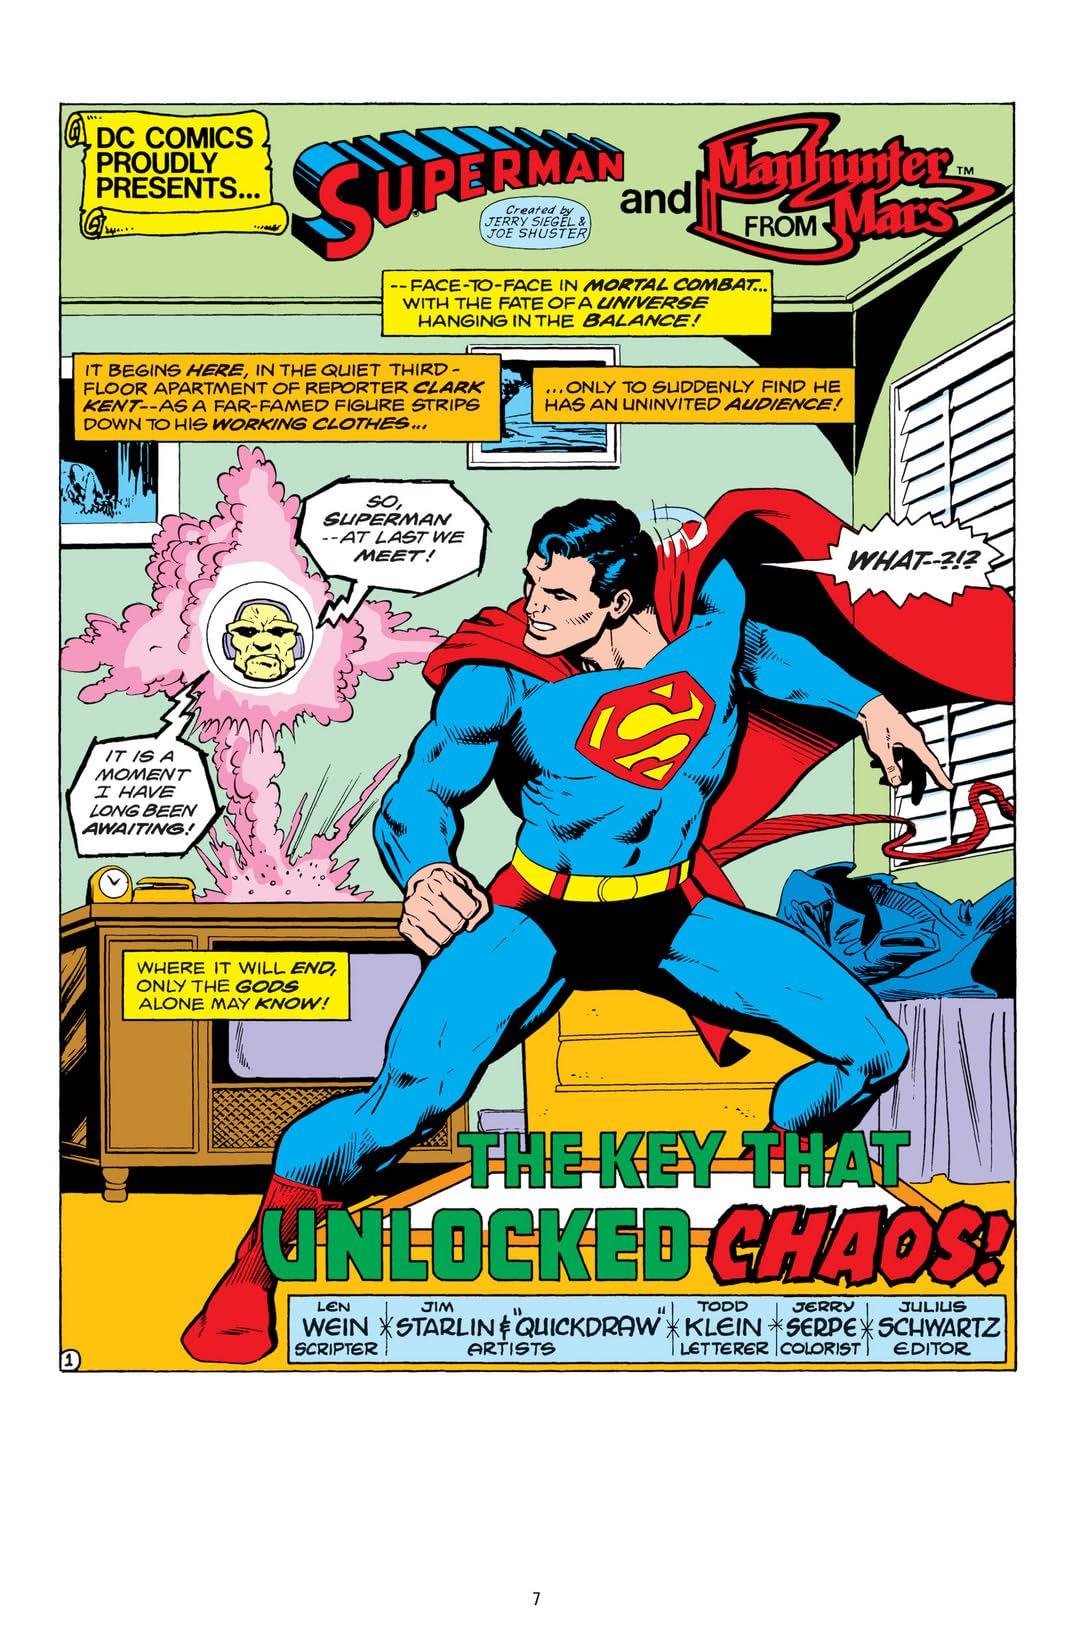 Superman vs. Mongul